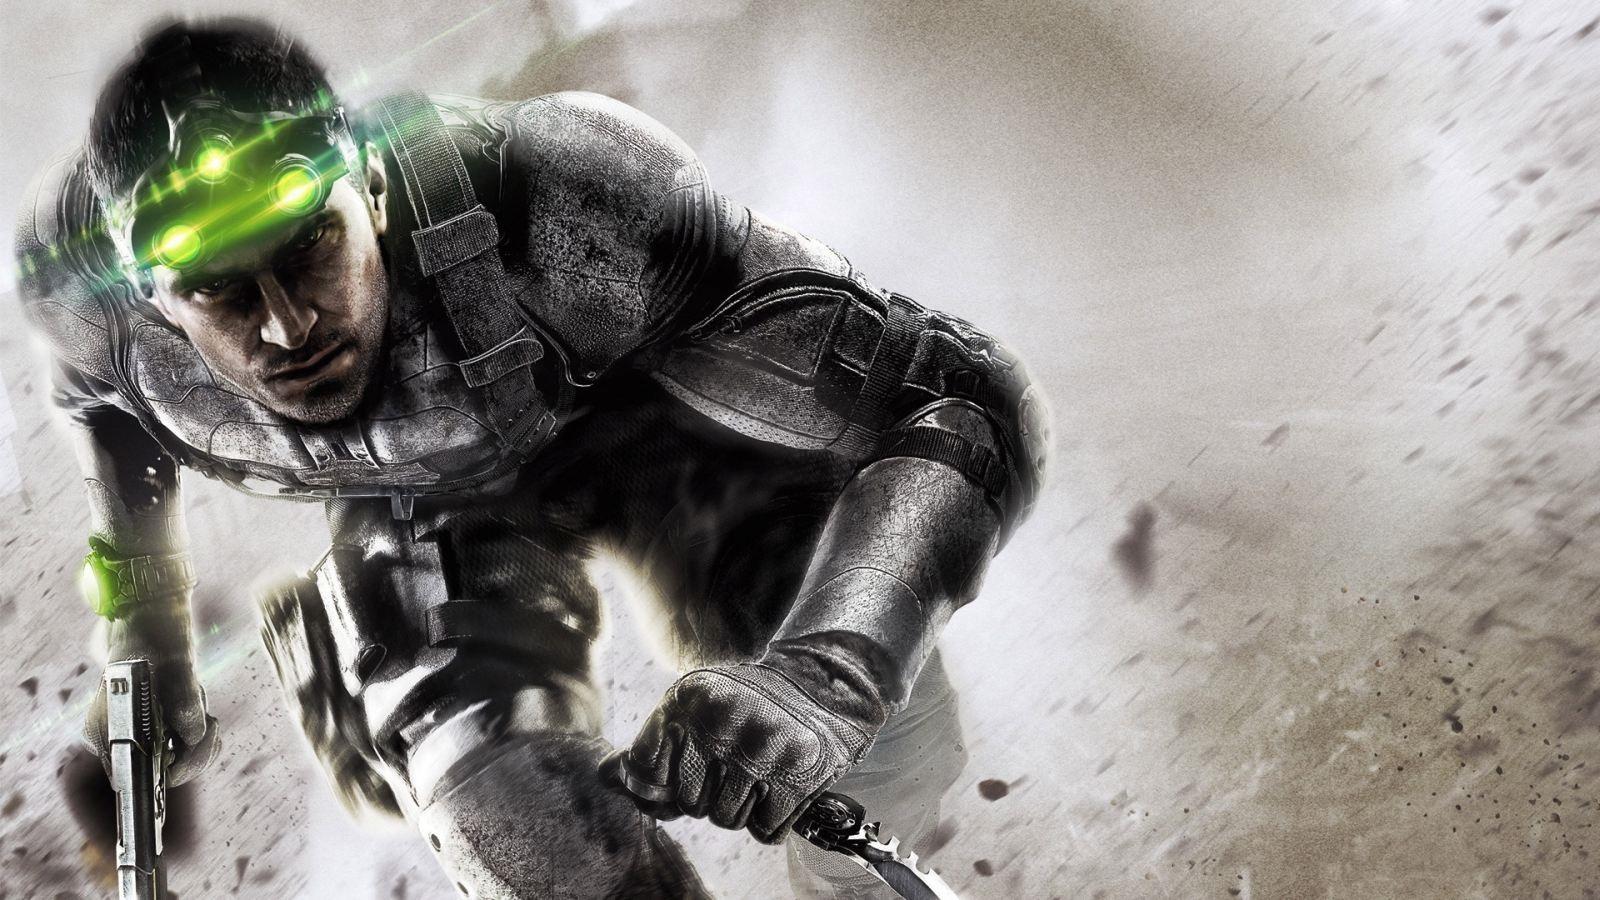 Splinter Cell 2019; wallpaper: Blacklist